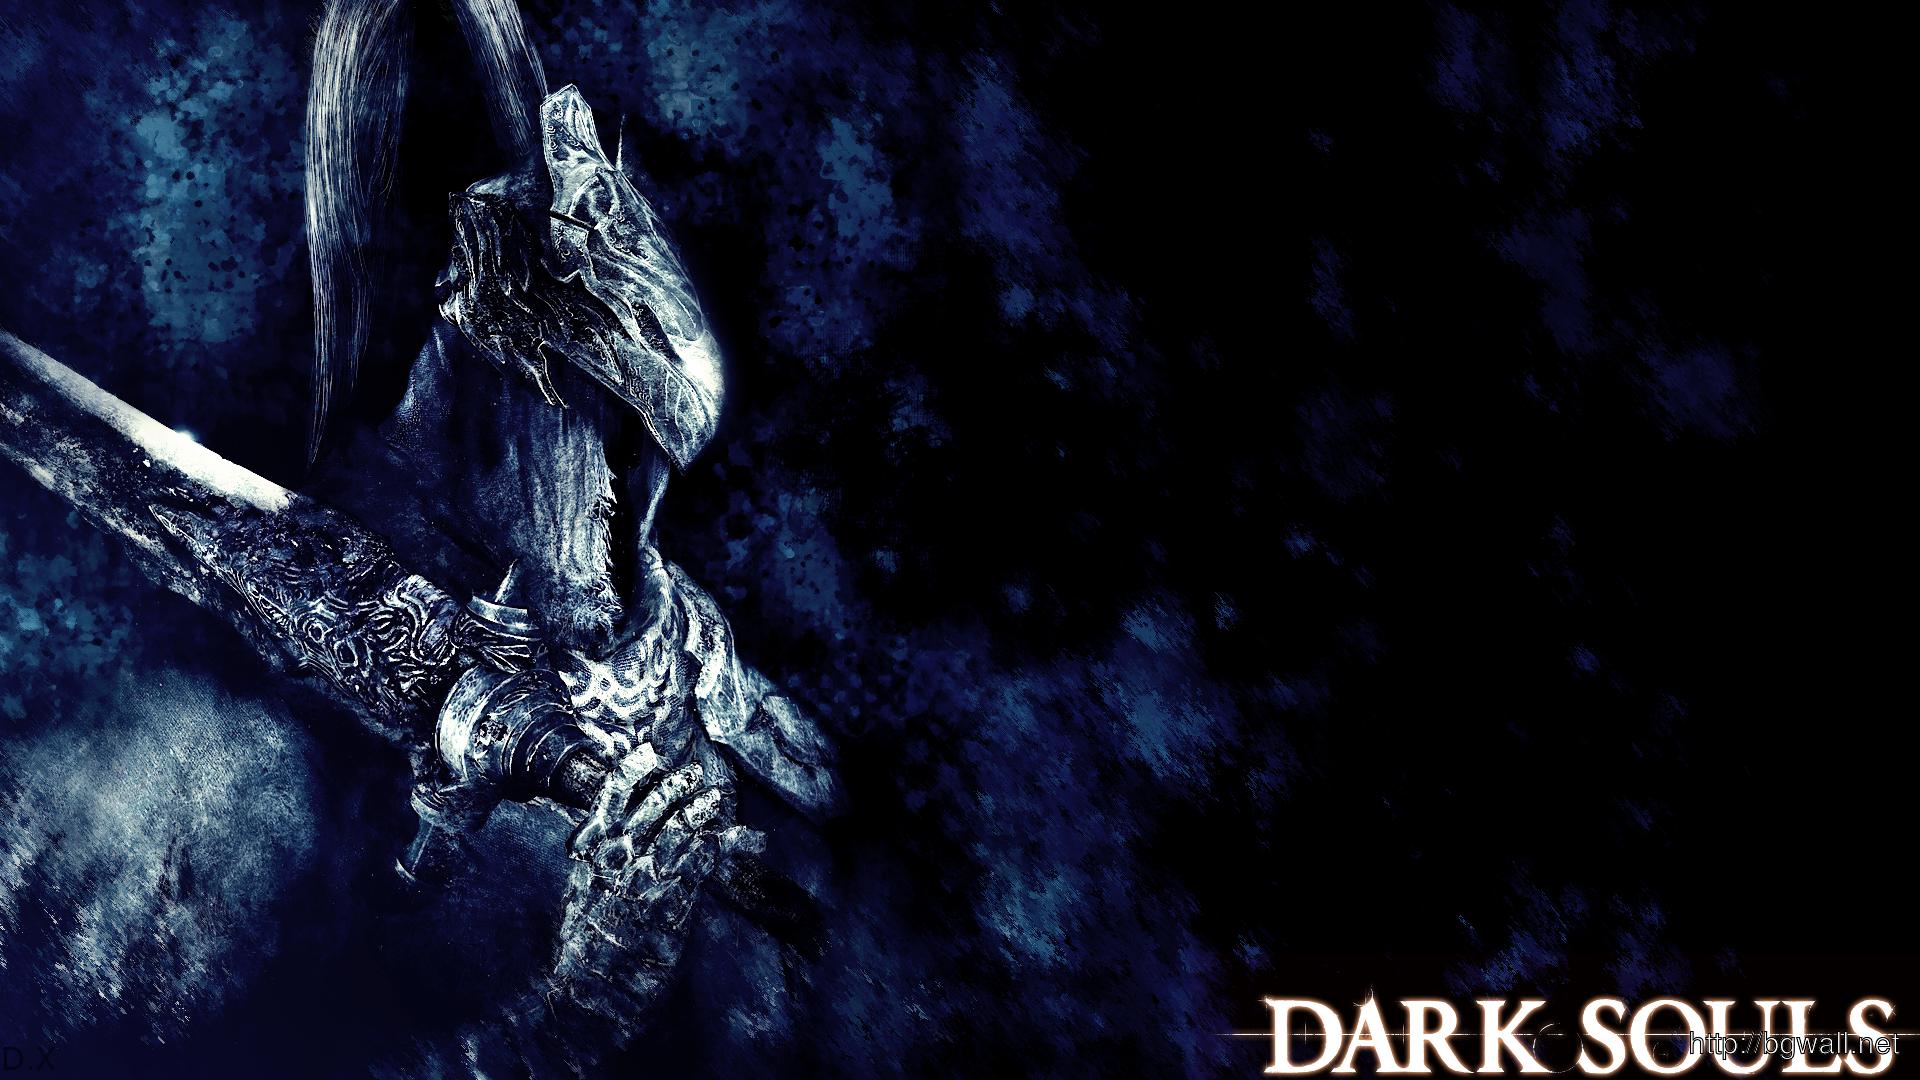 Dark-Souls-Free-Download-Wallpaper